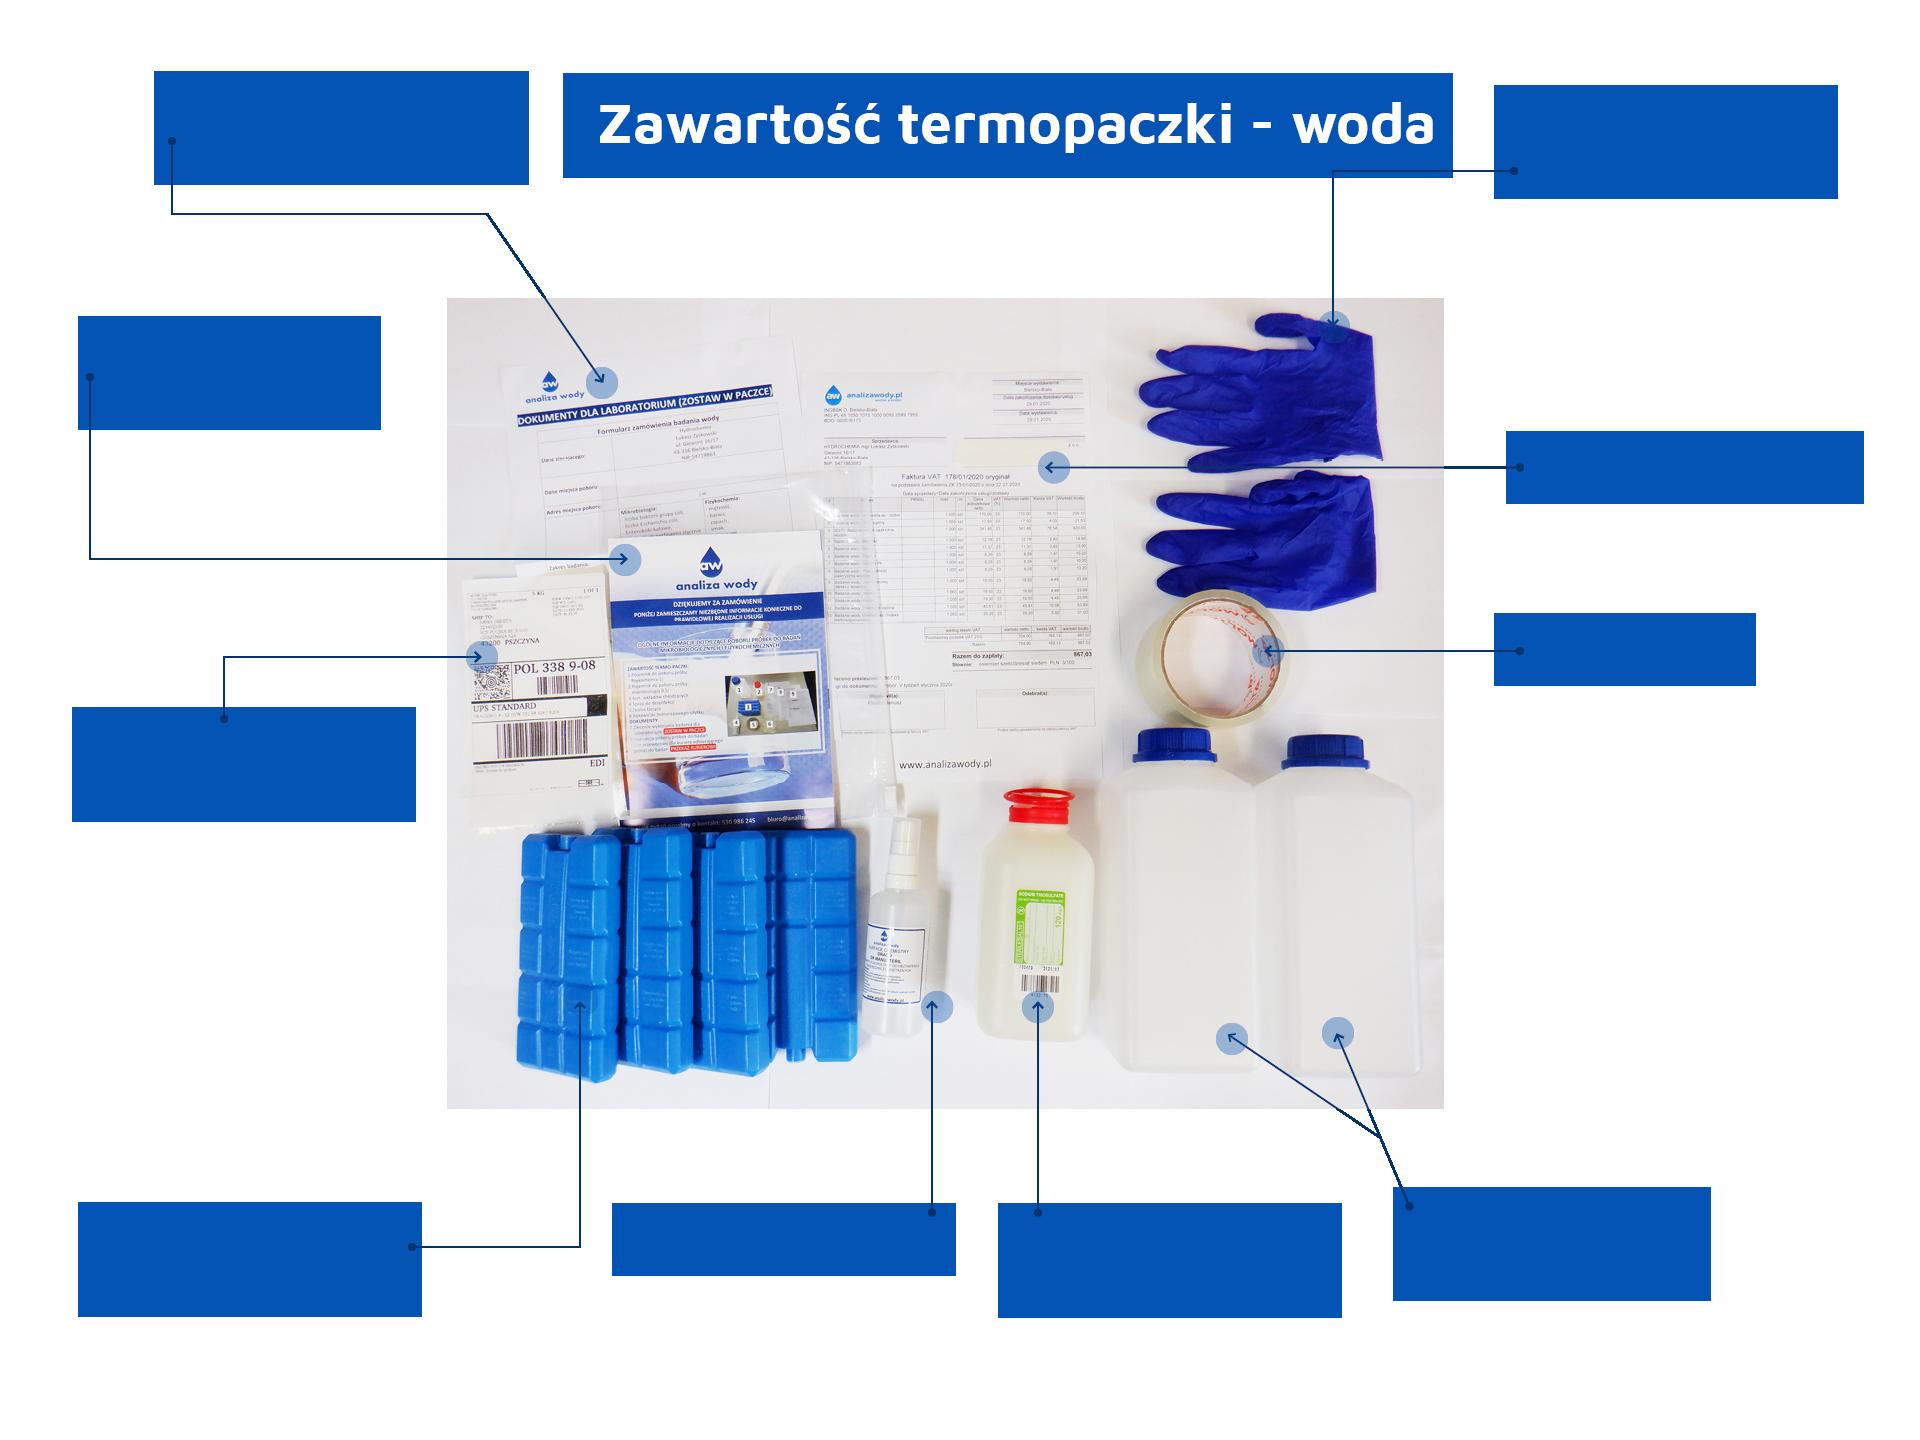 Zawartośc termopaczki woda_pop2.png